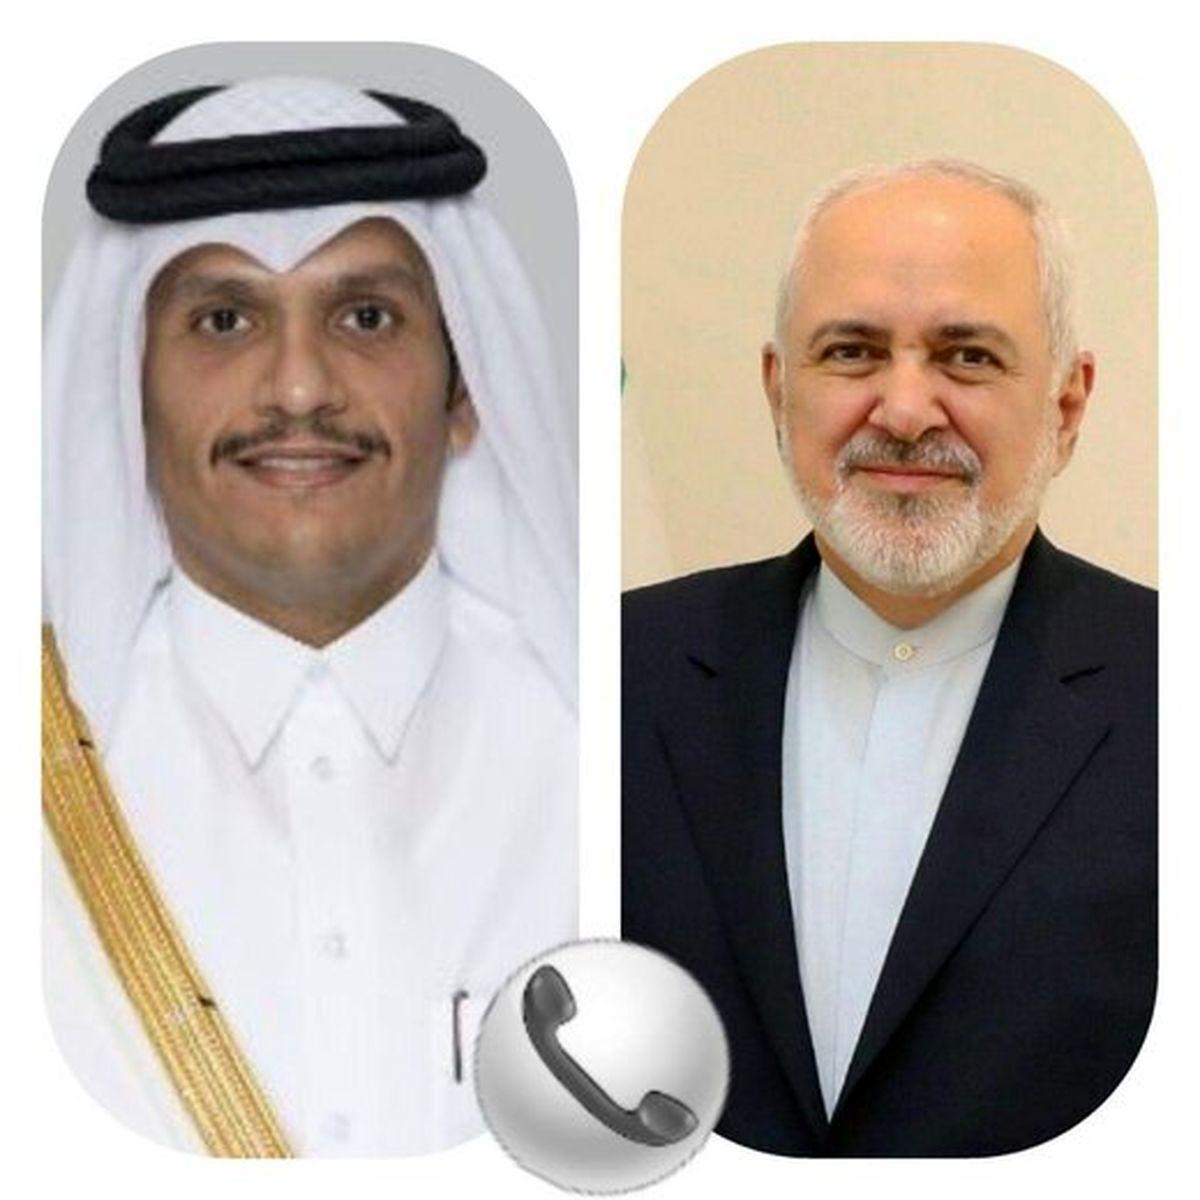 گفتوگوی تلفنی وزیران خارجه ایران و قطر